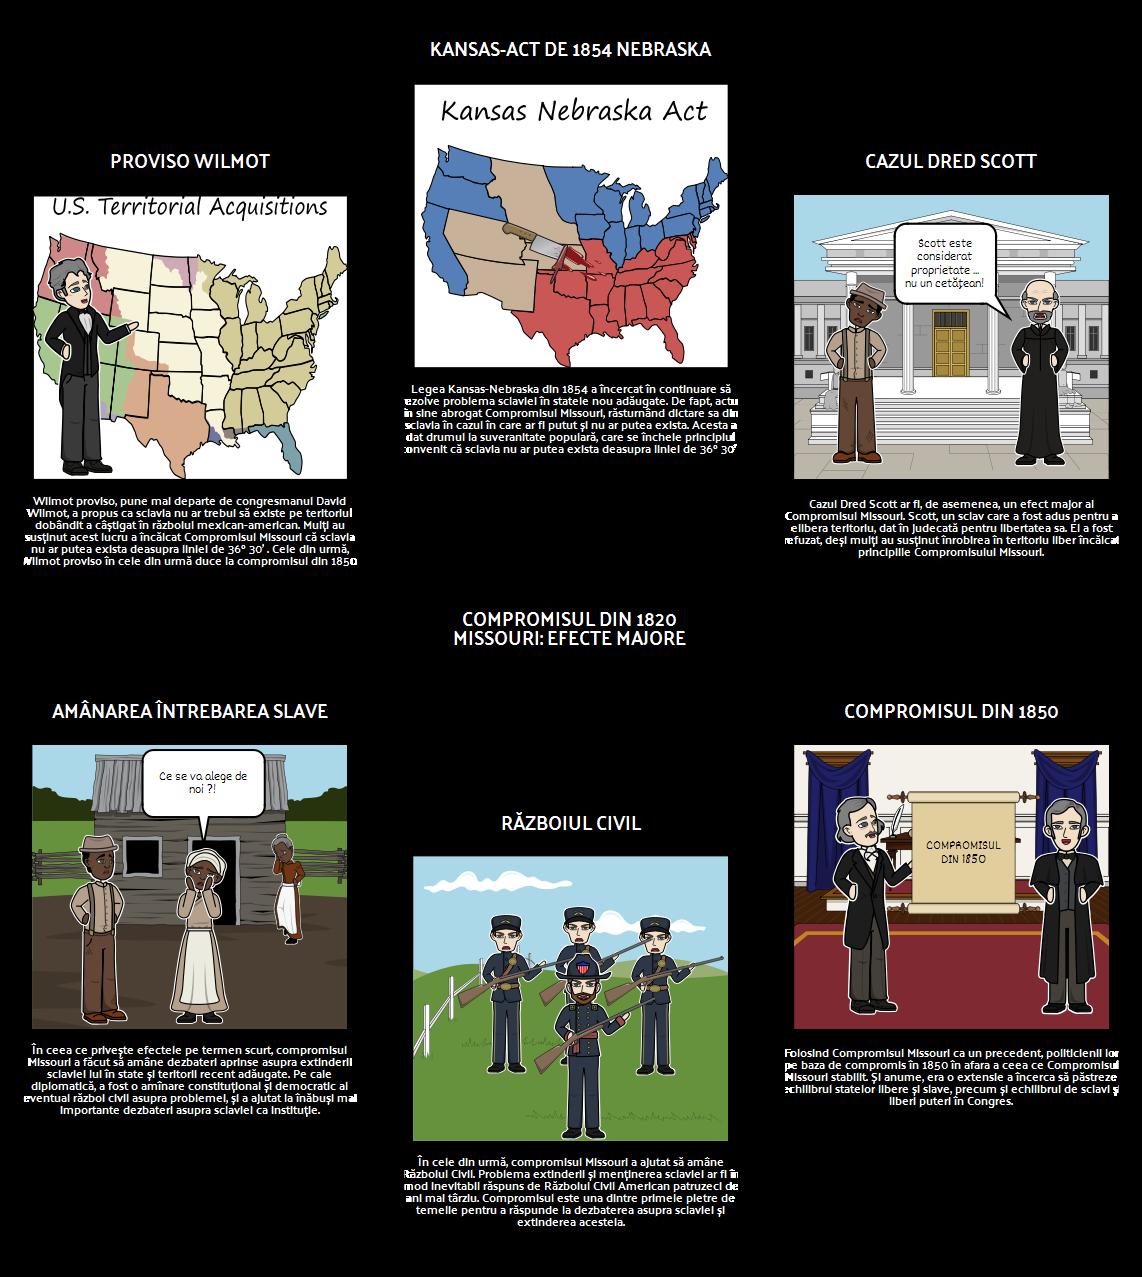 Compromisul Missouri din 1820 - efecte majore